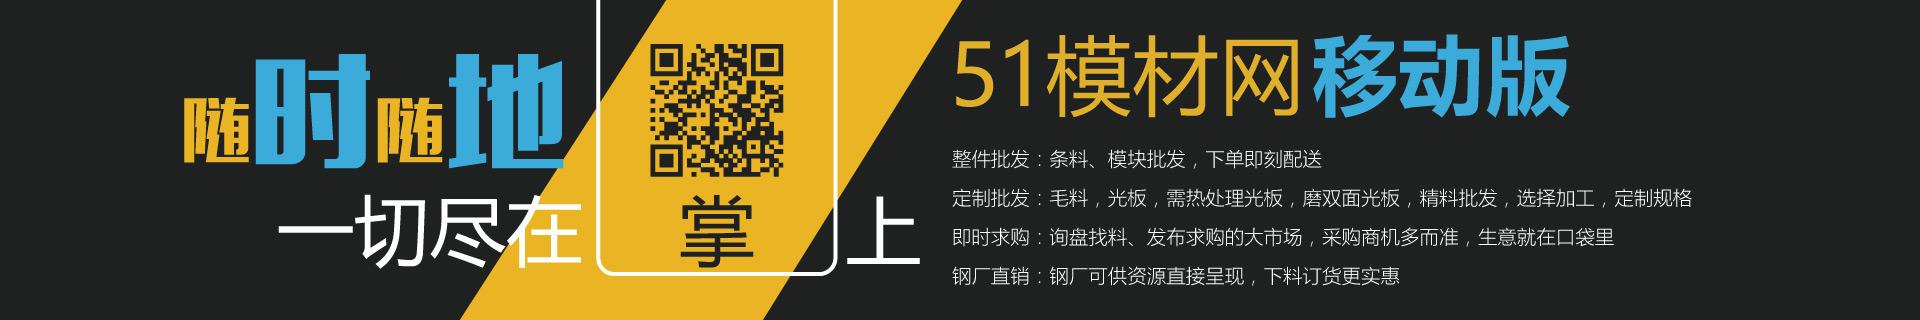 51模材网移动版震撼上线